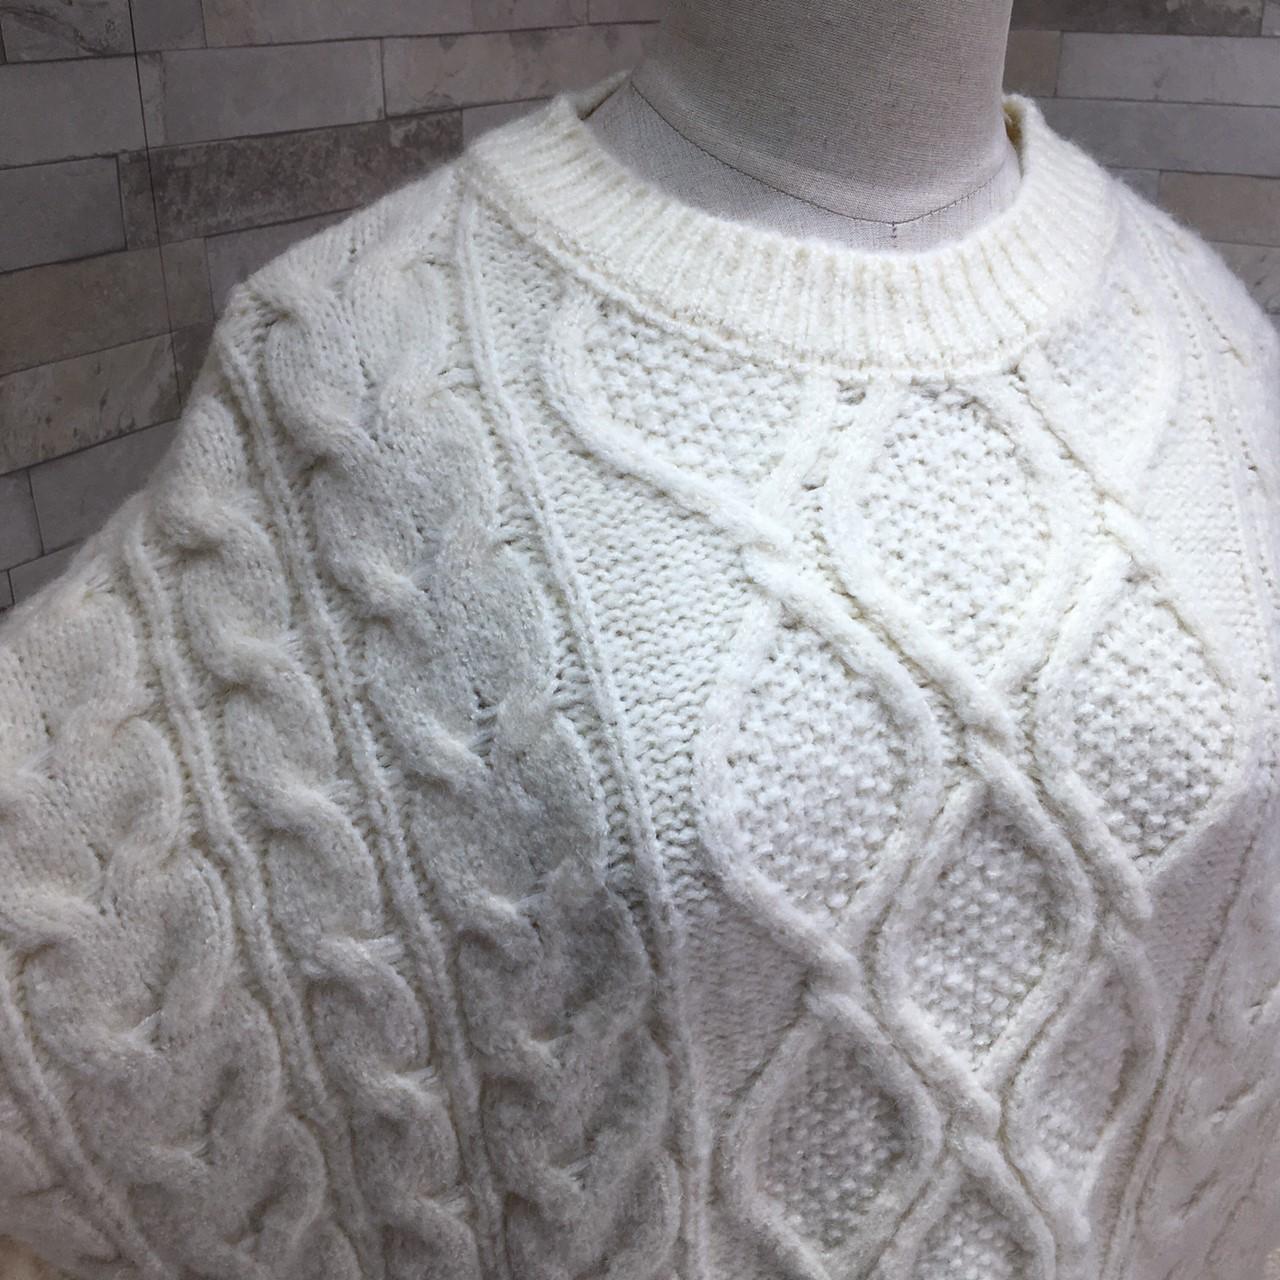 【即納】韓国 ファッション トップス ニット セーター 秋 冬 カジュアル SPTXG551  北欧風 模様編み ビッグシルエット 華奢見せ オルチャン シンプル 定番 セレカジの写真10枚目